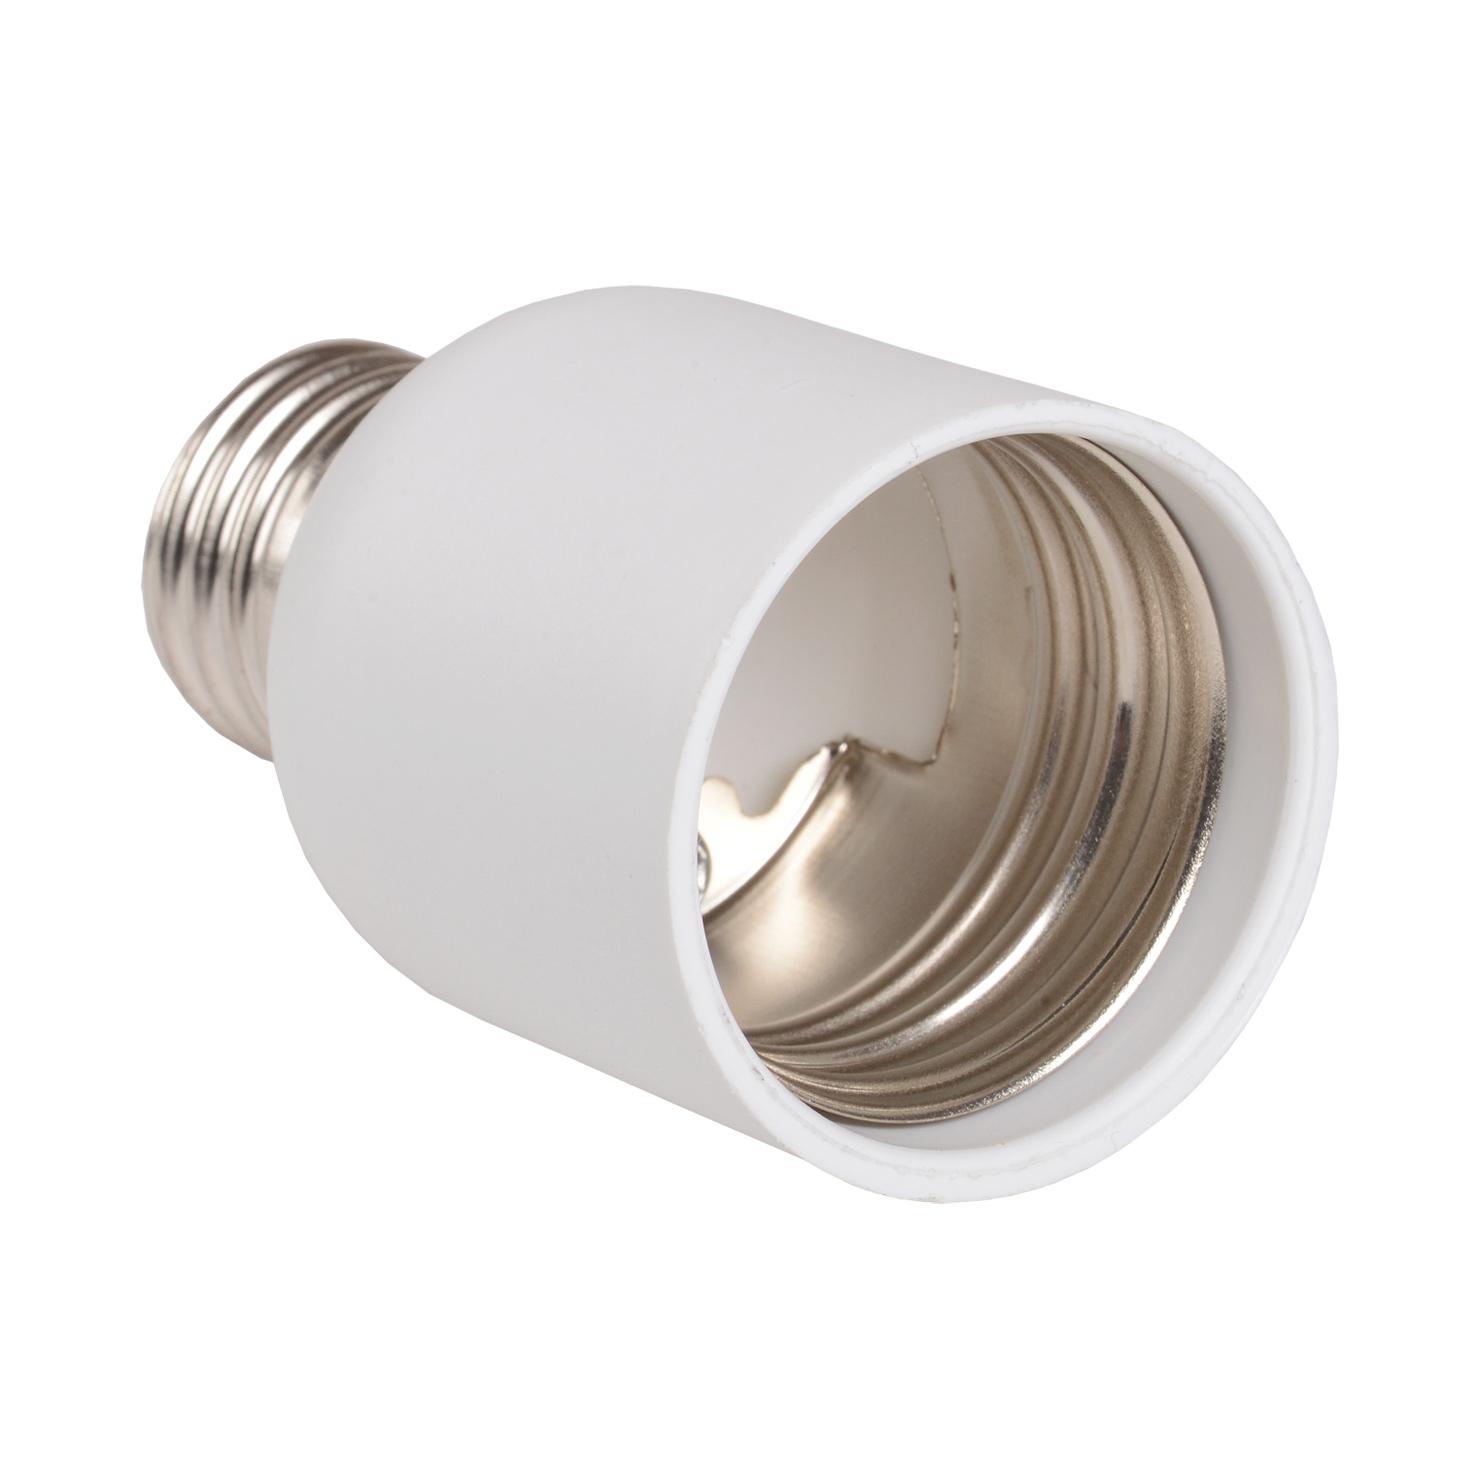 Переходник Е27-Е40 ПР27-40-К02 пластик белый (индивидуальный пакет) IEK